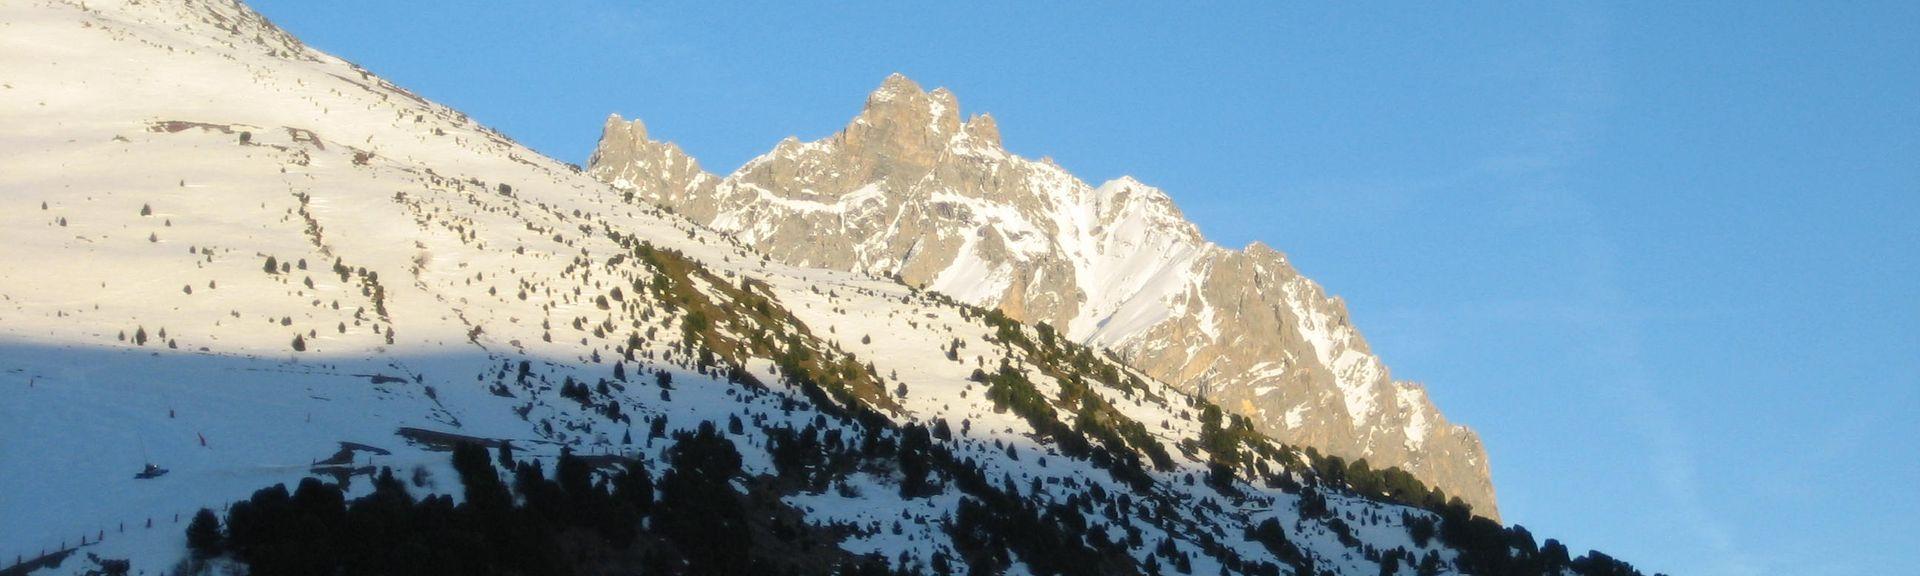 Villarodin-Bourget, Savoie (Département), Frankreich